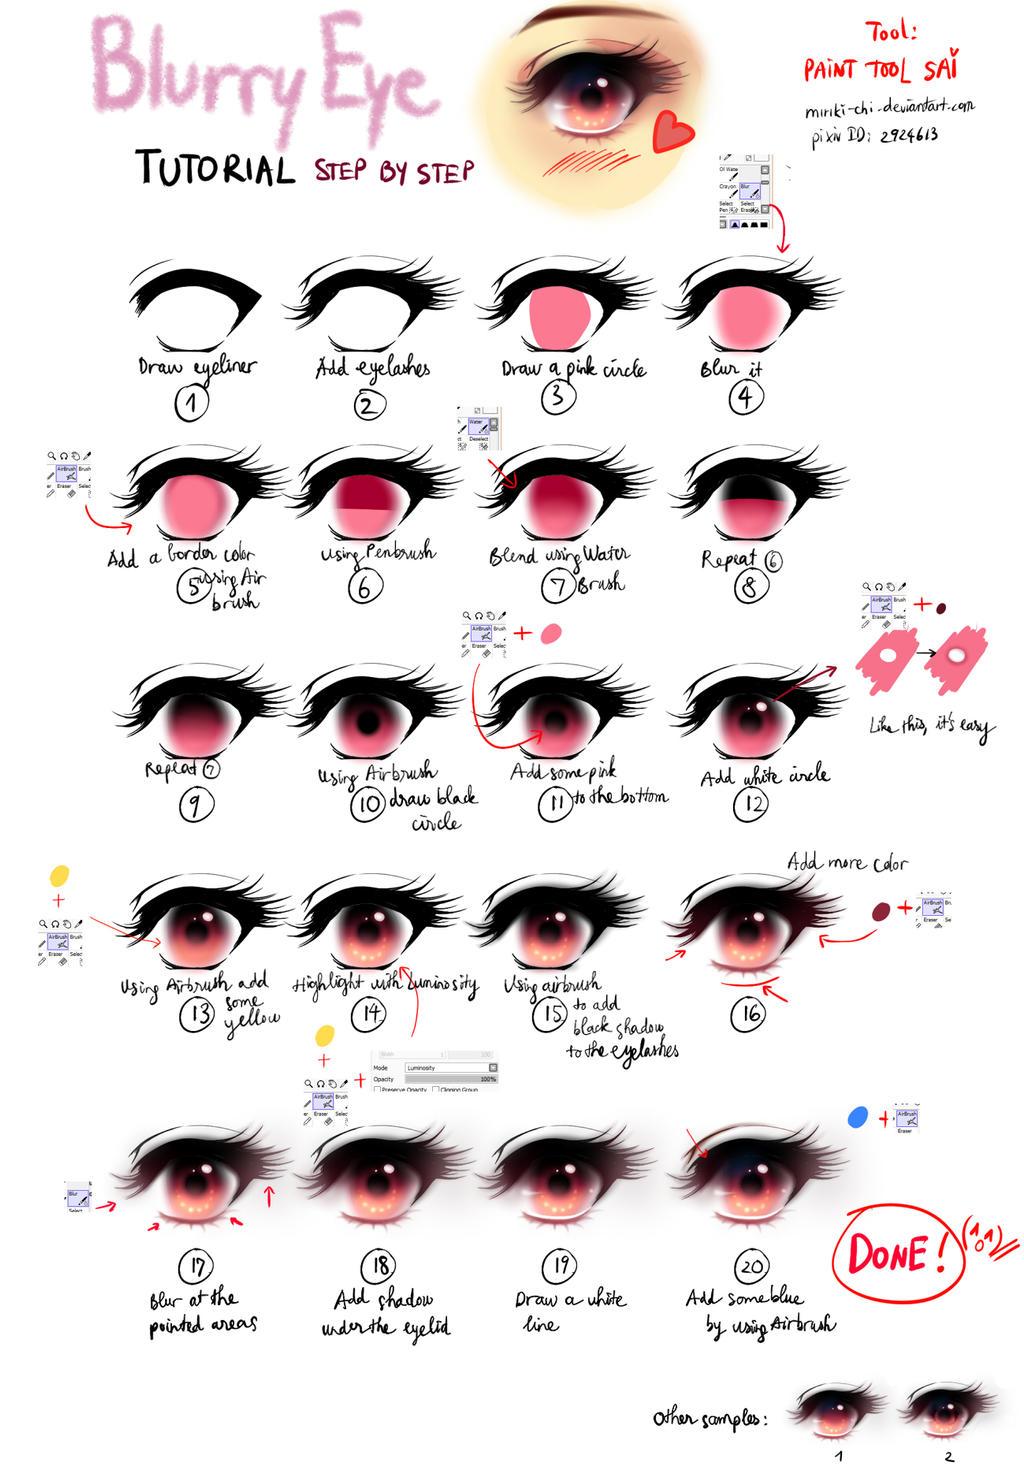 Blurry Eye tutorial